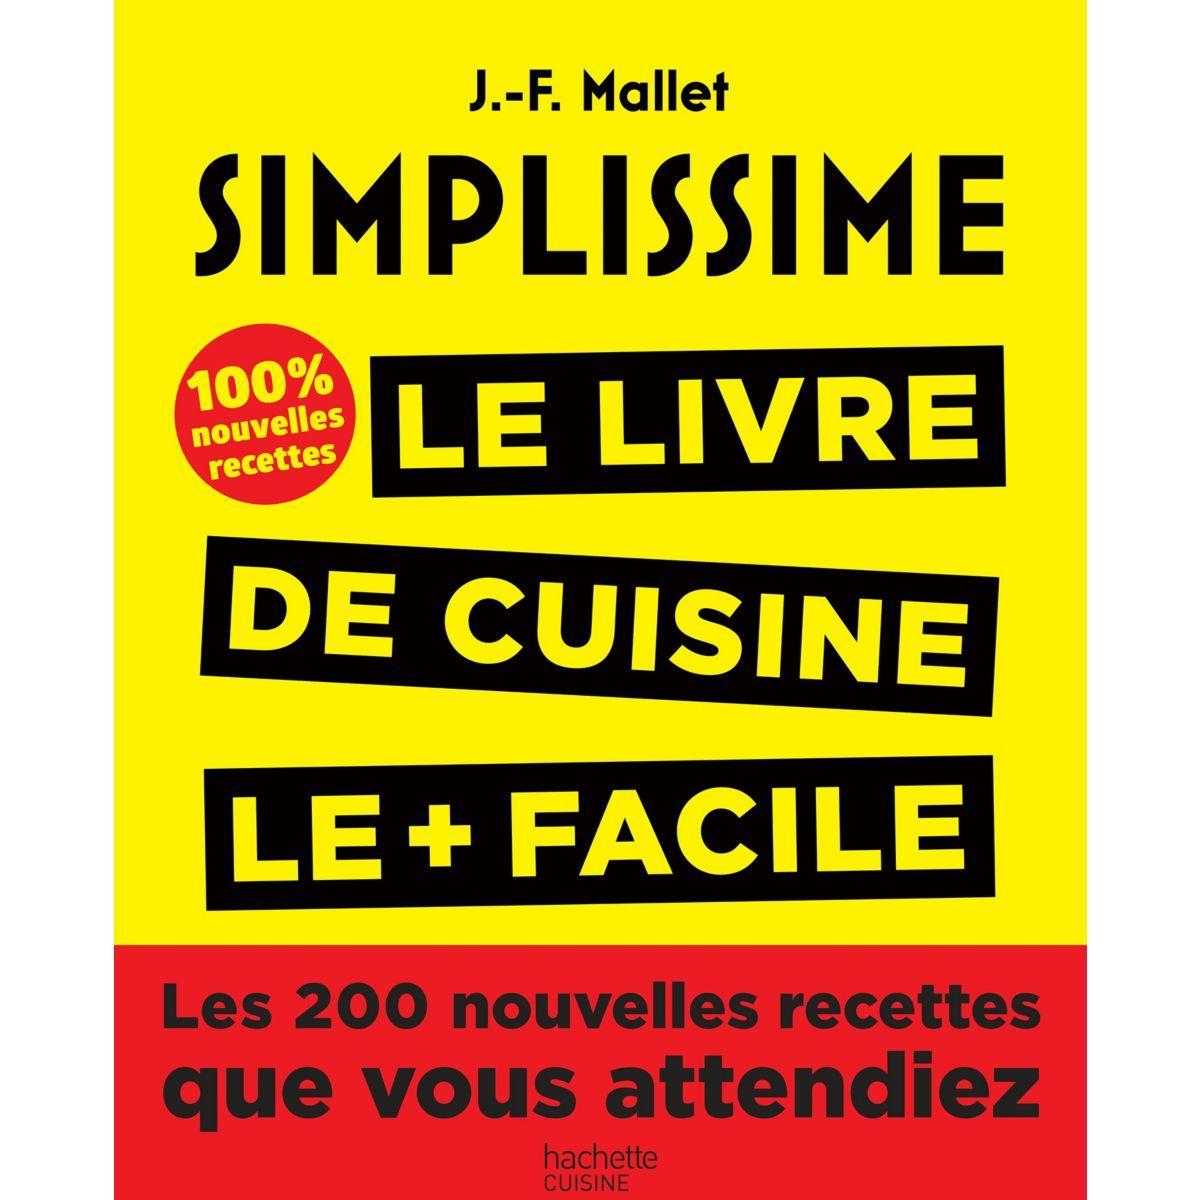 Livre de cuisine hachette simplissime les 200 nouvelles recettes (photo)